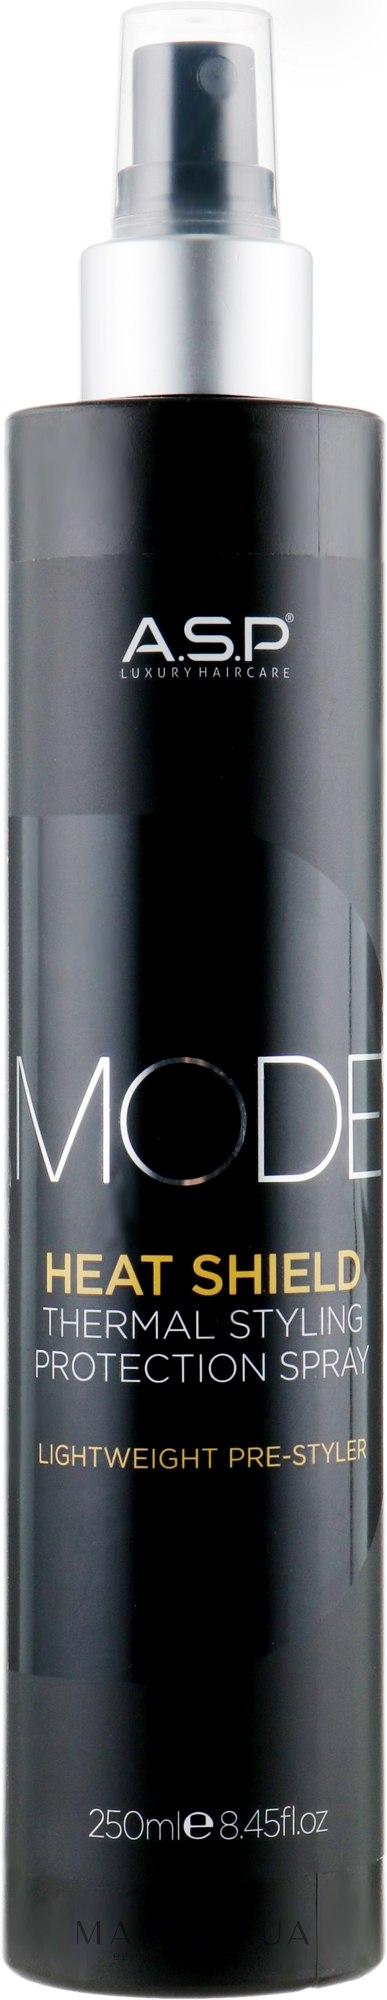 Термозащитный спрей для волос - Affinage Mode Heat UV Shield — фото 250ml